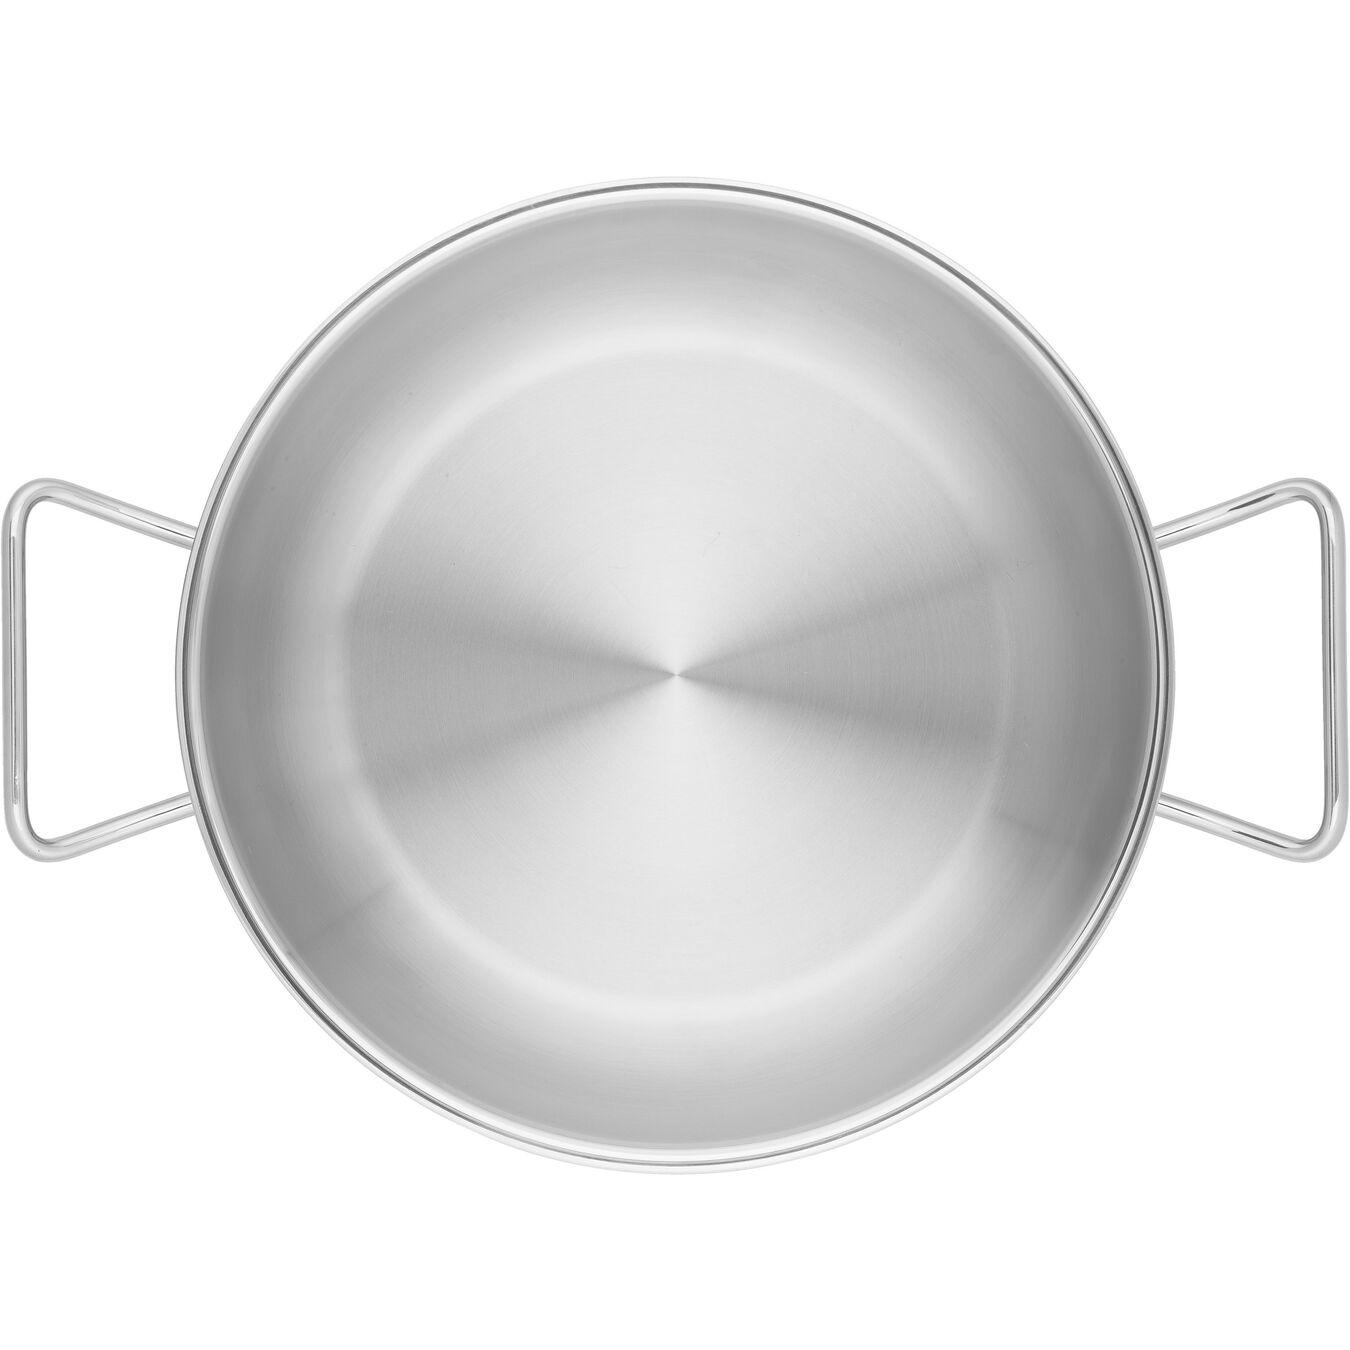 Wok - 30 cm, acciaio,,large 5